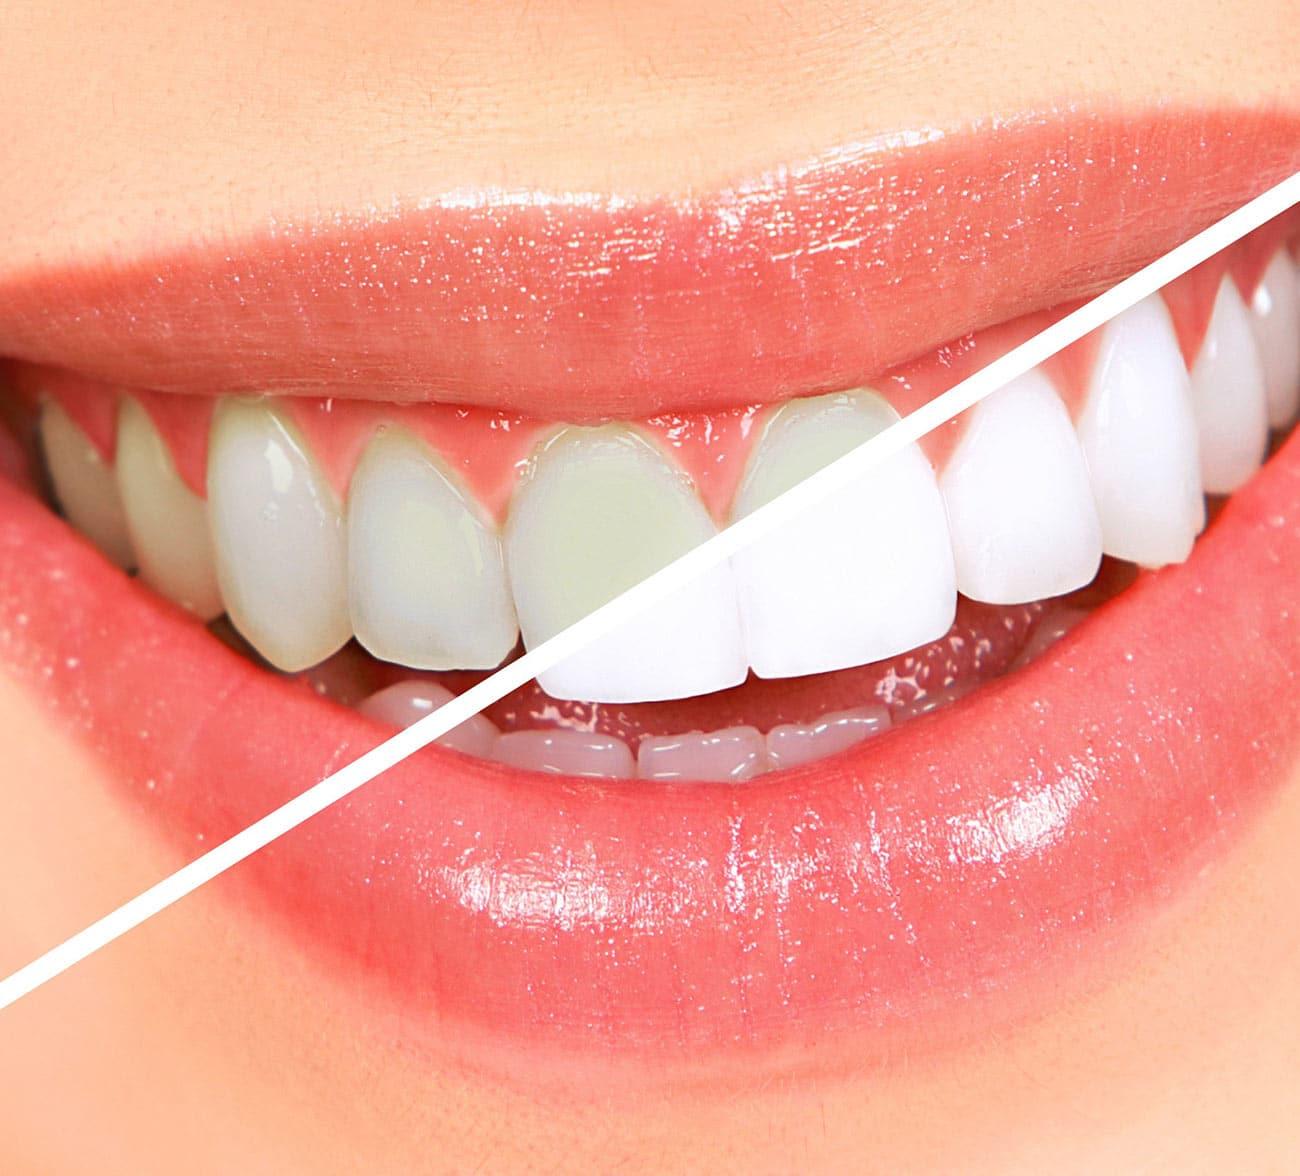 Dentus perfectus - izbjeljivanje zubi prije i poslije